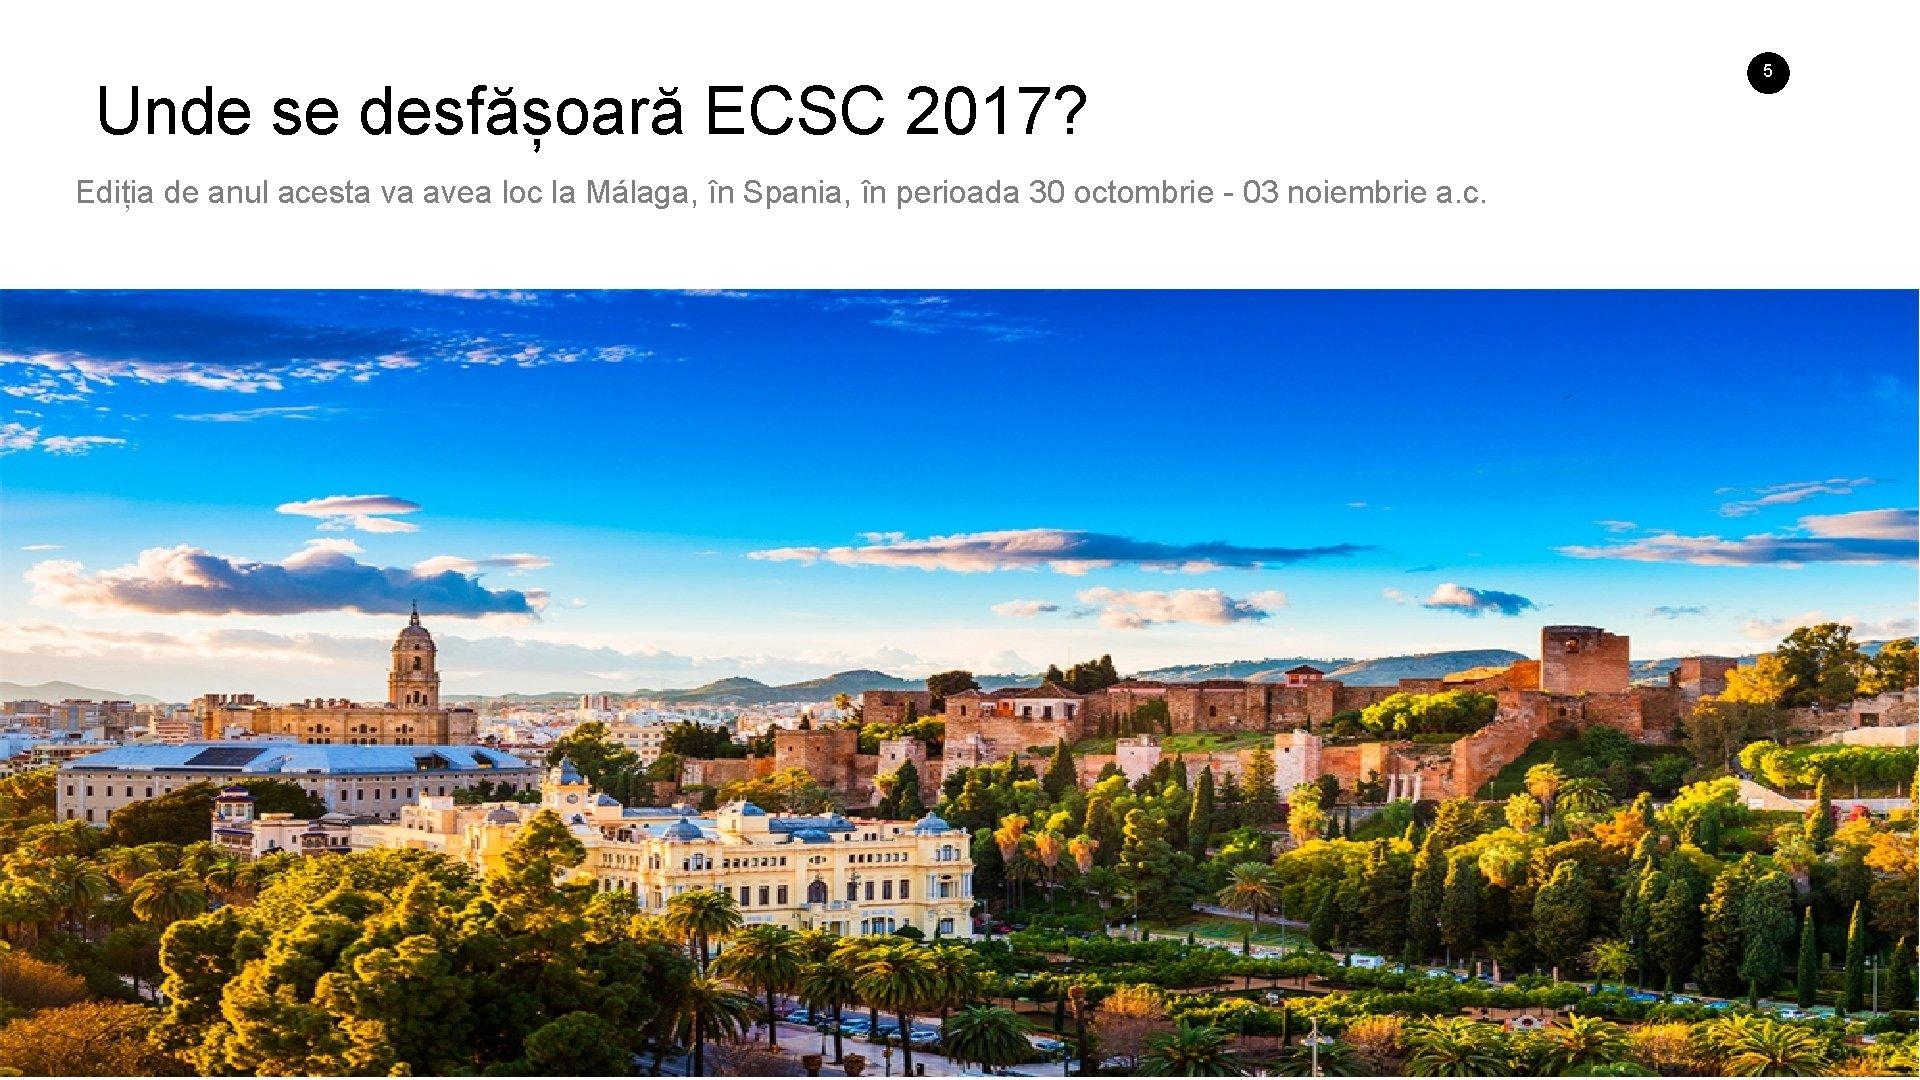 Unde se desfășoară ECSC 2017? Ediția de anul acesta va avea loc la Málaga,